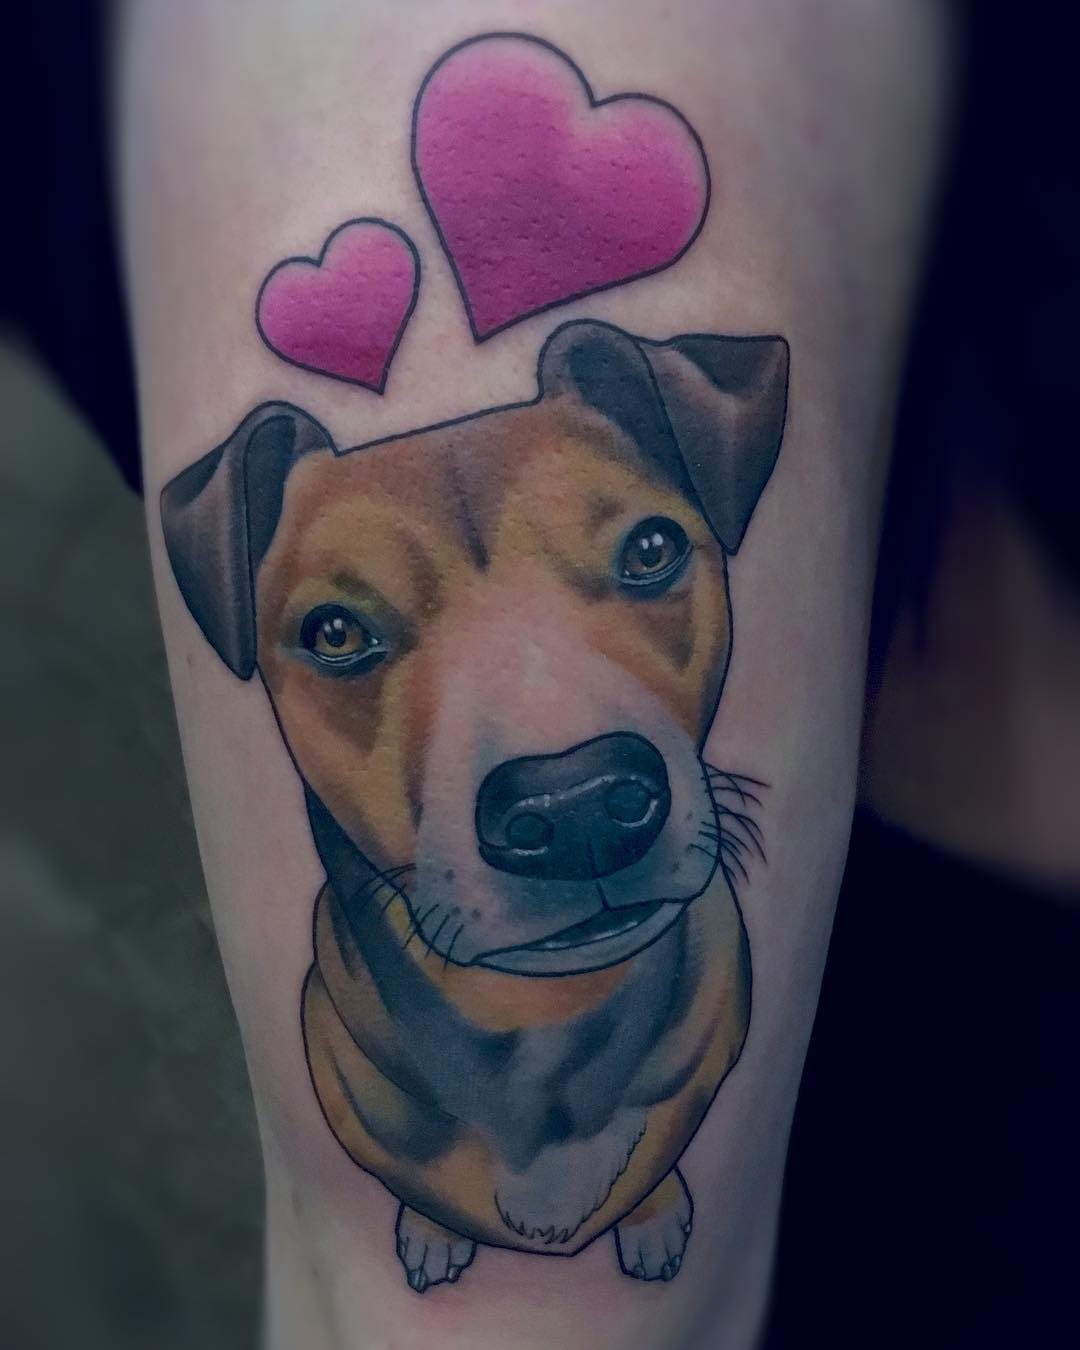 Vielen Dank fürs durchalten Aline! Hat wirklich Spass gemacht!!! #dogtattoo #dog